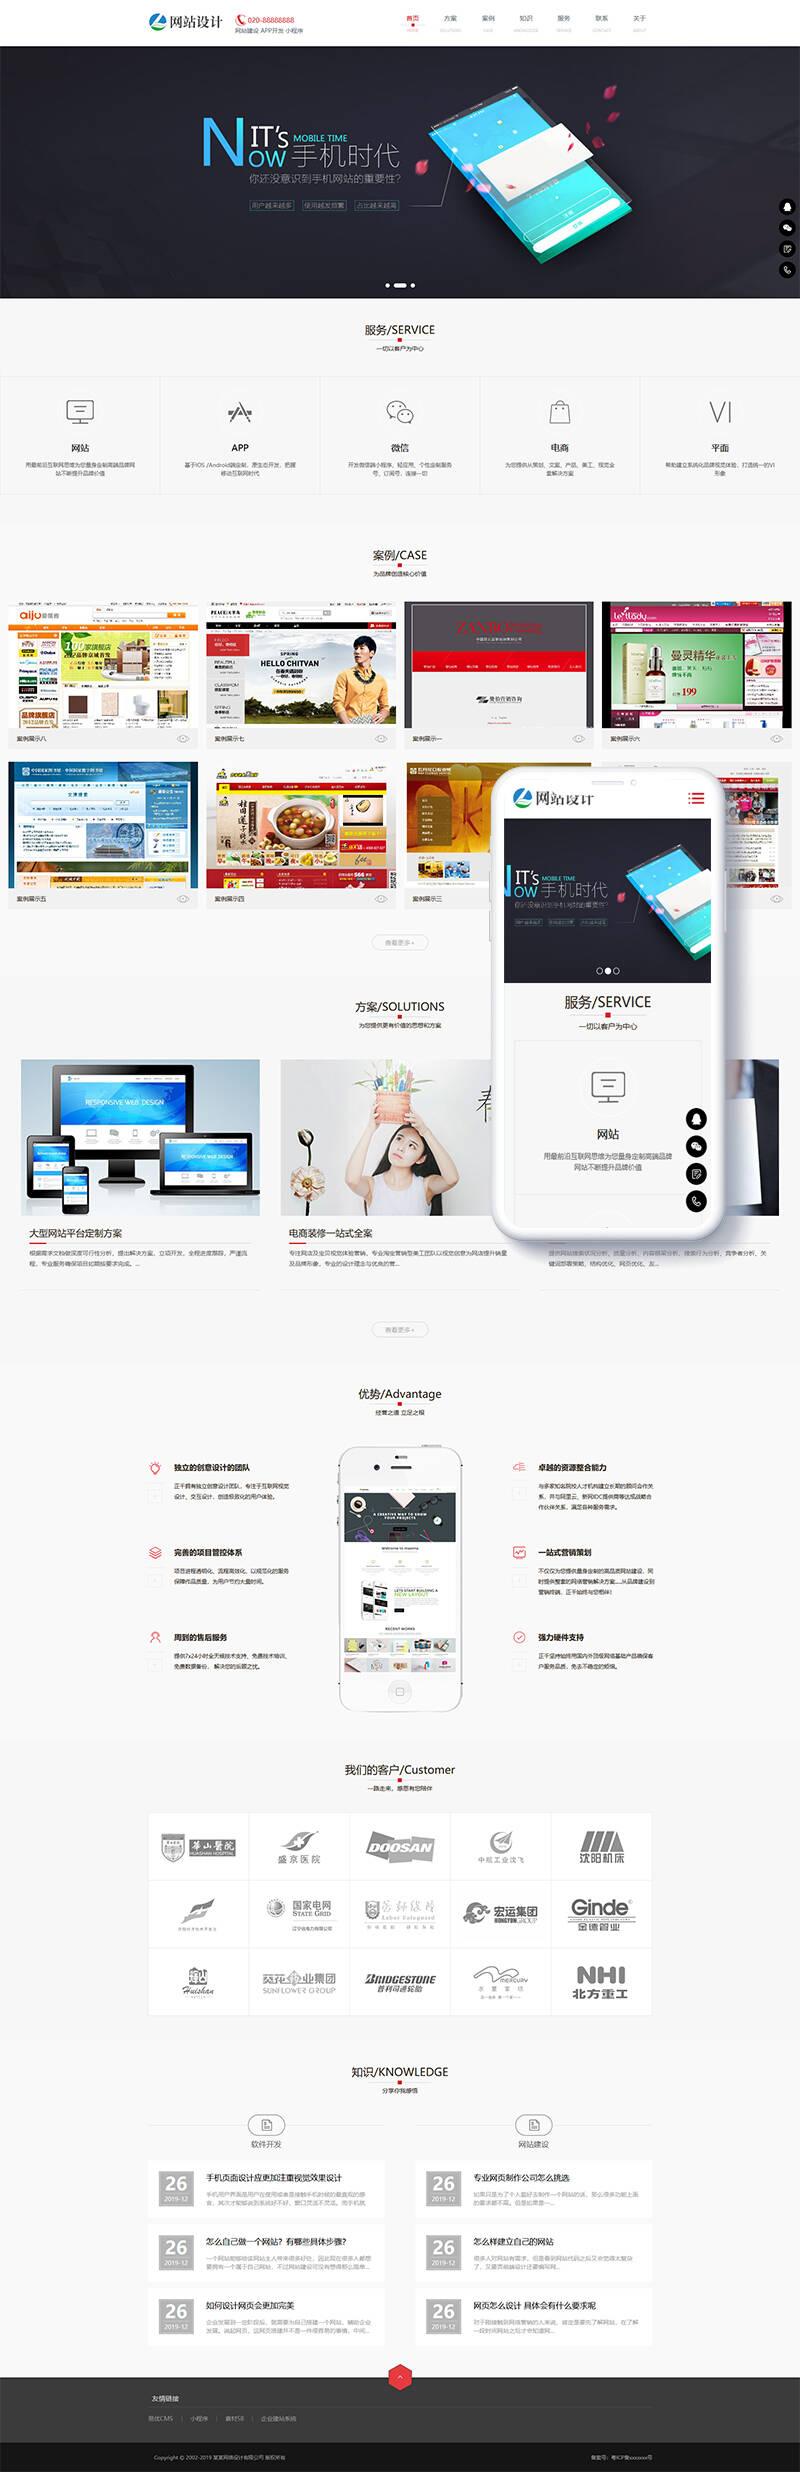 织梦dedecms自响应式网站建设小程序开发类网站织梦模板源码,PC+WAP手机端,利于SEO优化